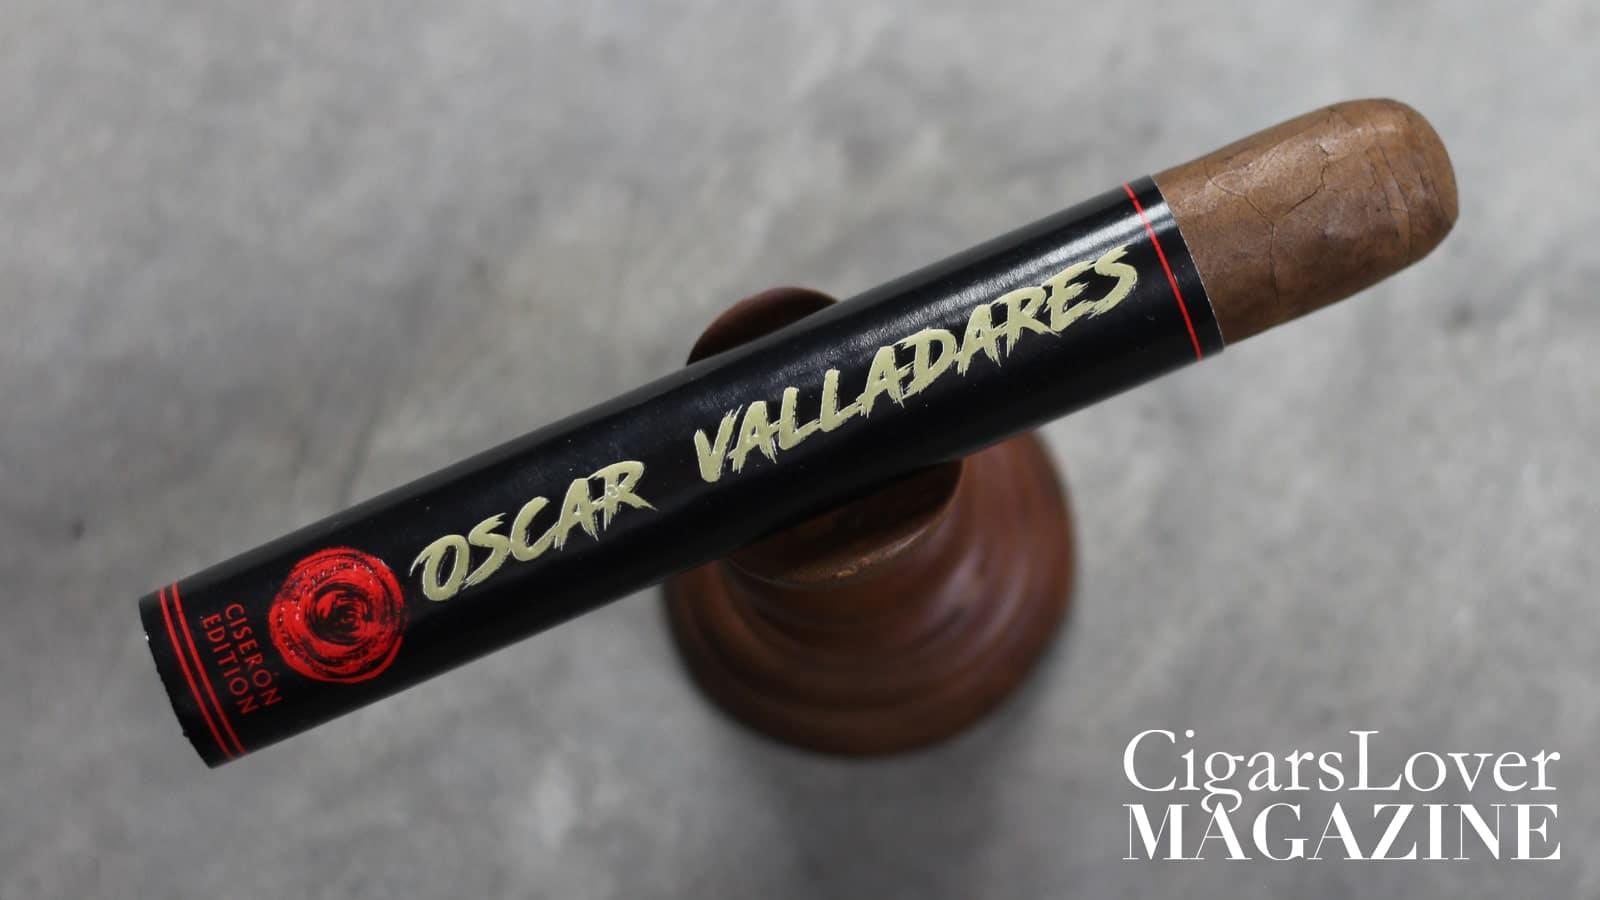 Oscar Valladares Ciseron Edition